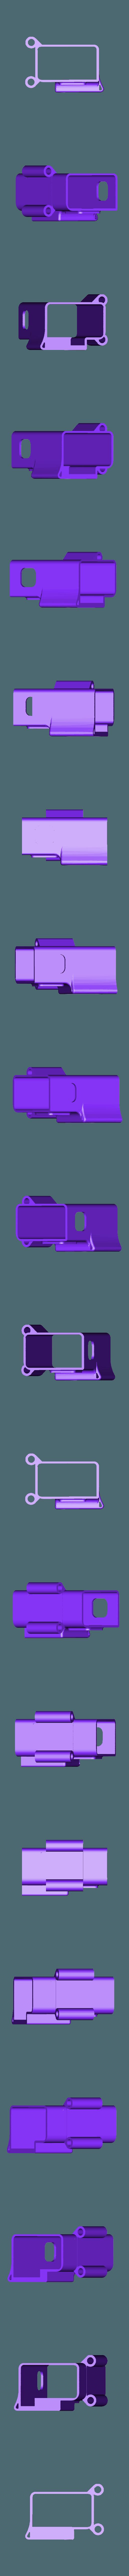 HERO567_case_spectre_mount.stl Télécharger fichier STL gratuit HERO5 et plus Boîtier / Montage Spectre • Design imprimable en 3D, Gophy